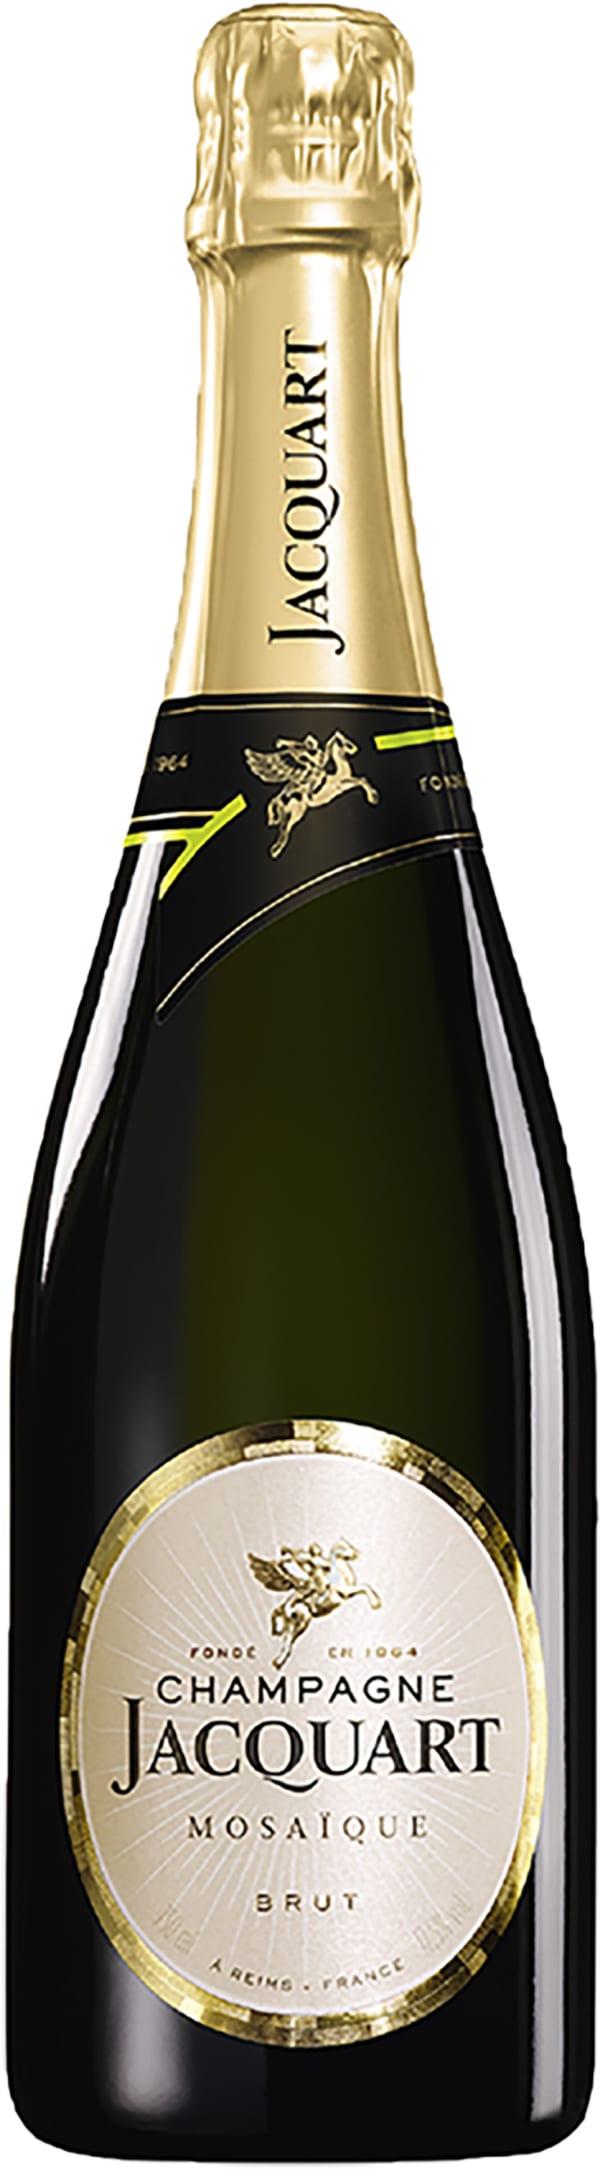 Jacquart Mosaïque Champagne Brut